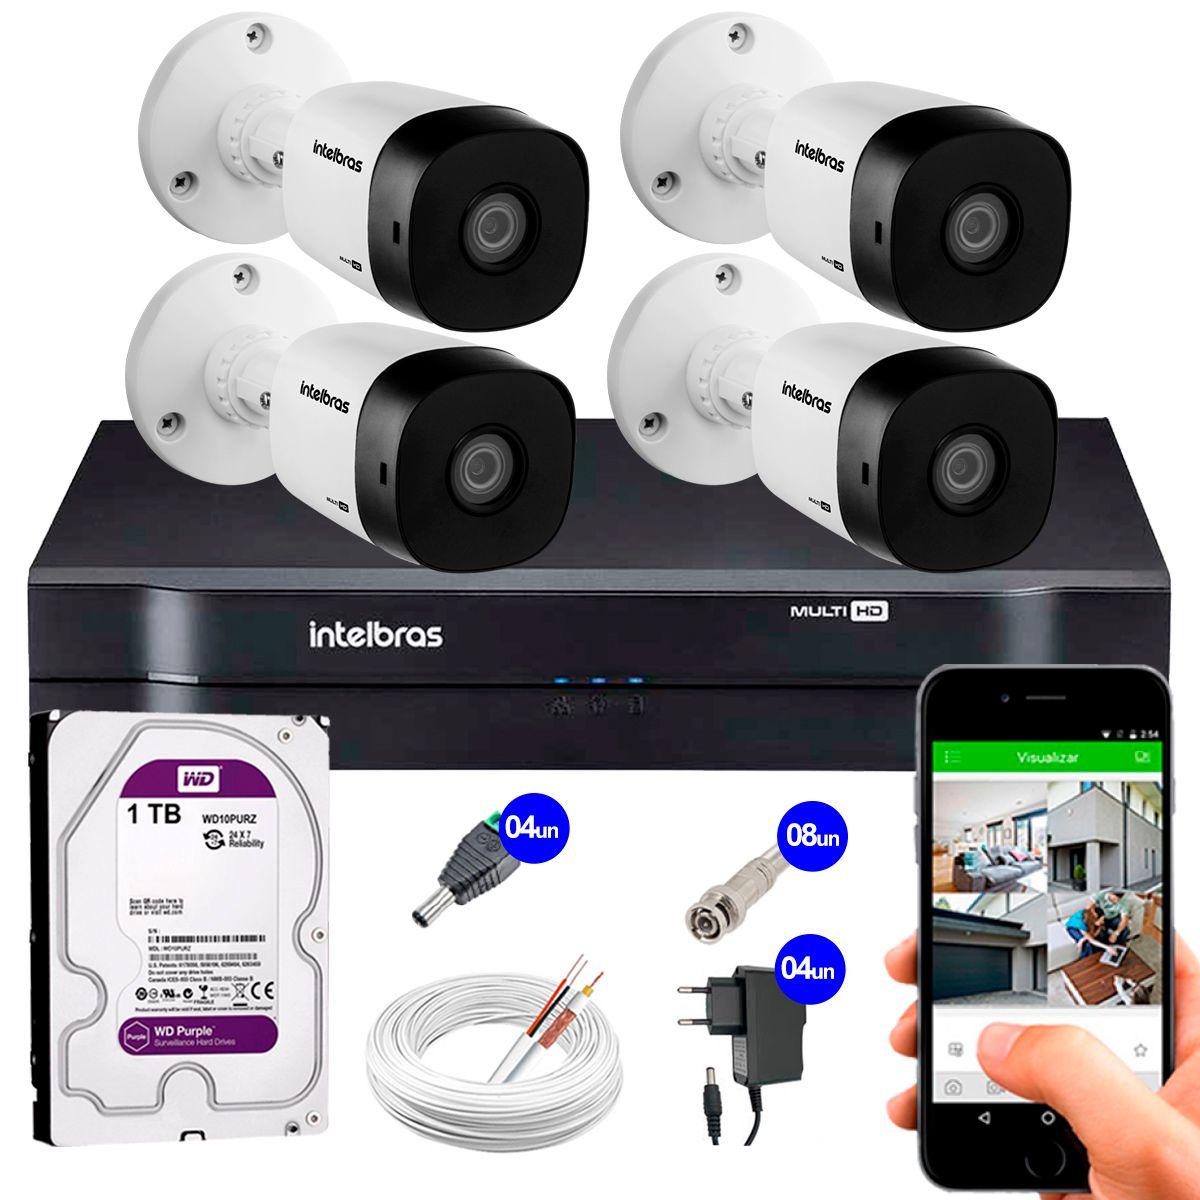 Kit 4 Câmeras VHD 1010 B G5 + DVR Intelbras + HD 1TB para Armazenamento + App Grátis de Monitoramento, Câmeras HD 720p 10m Infravermelho de Visão Noturna Intelbras + Fonte, Cabos e Acessórios  - Tudo Forte